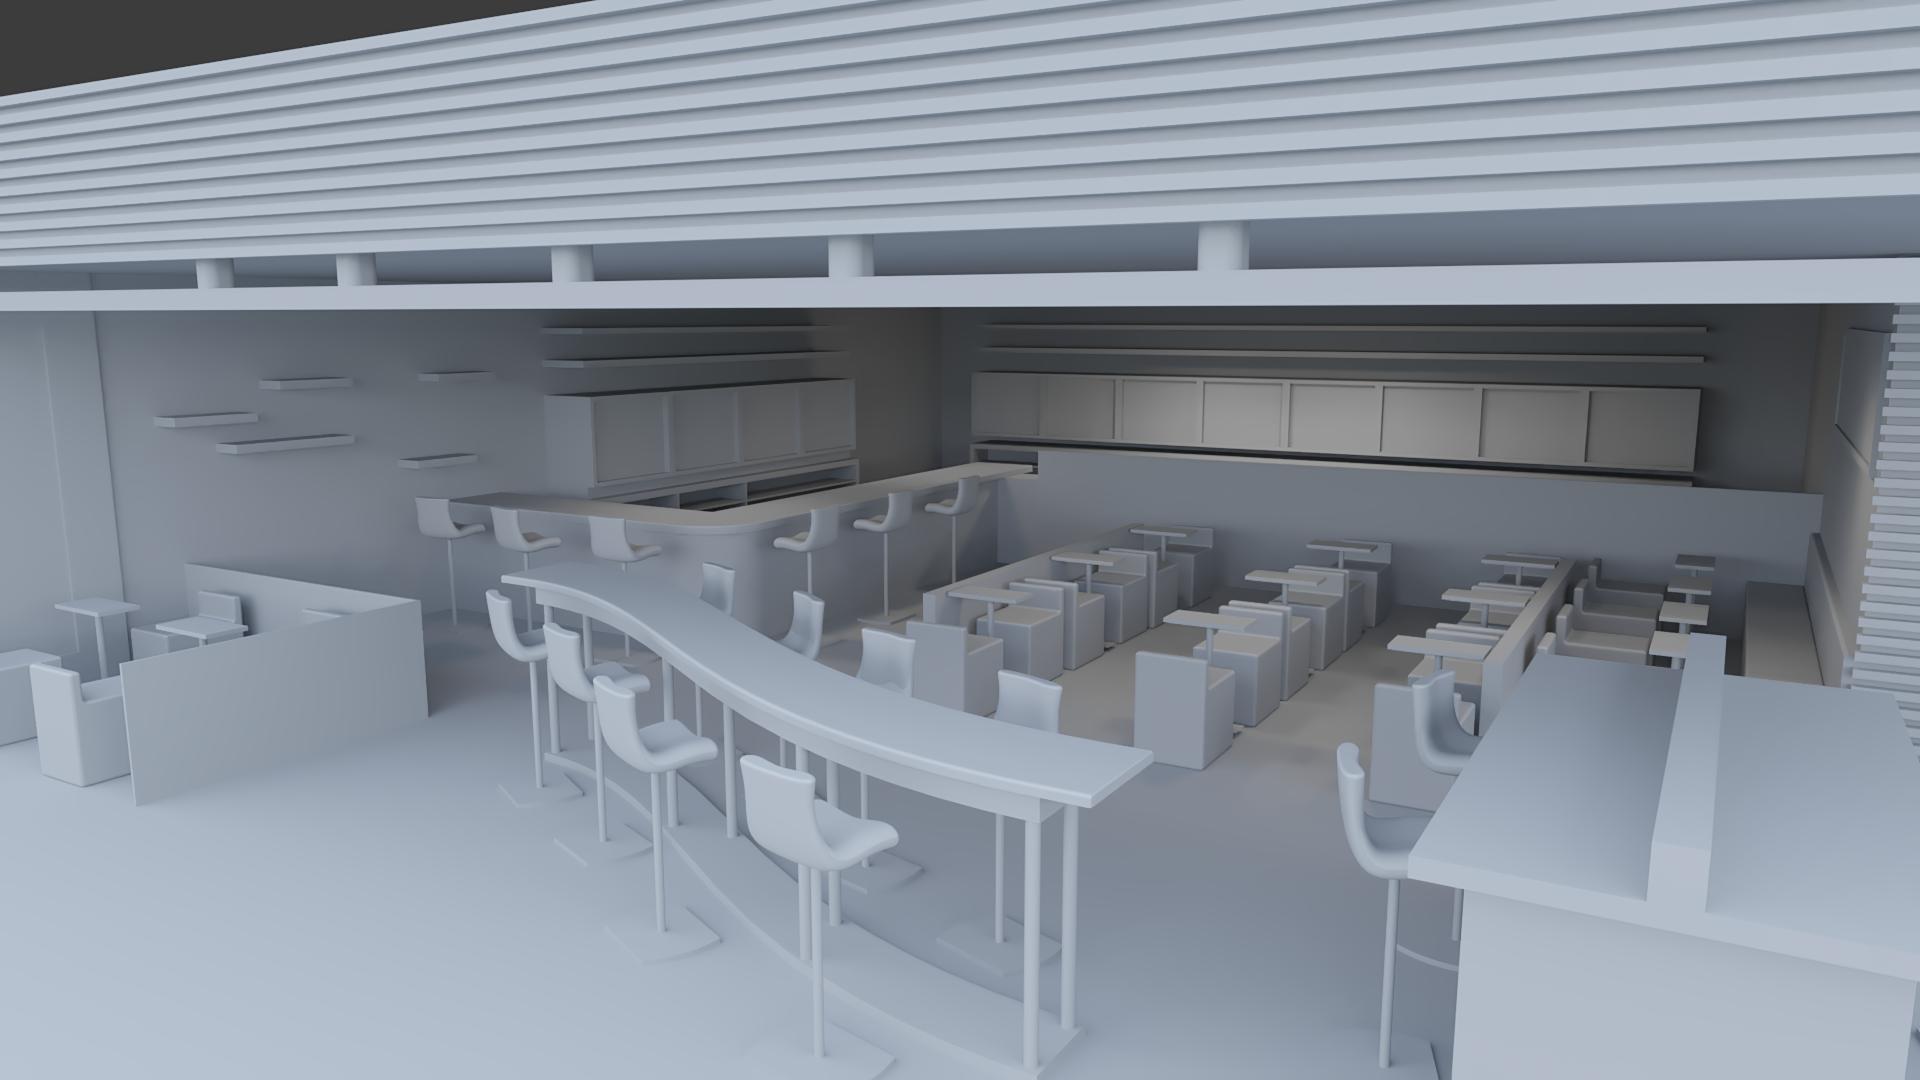 interior bar rendering